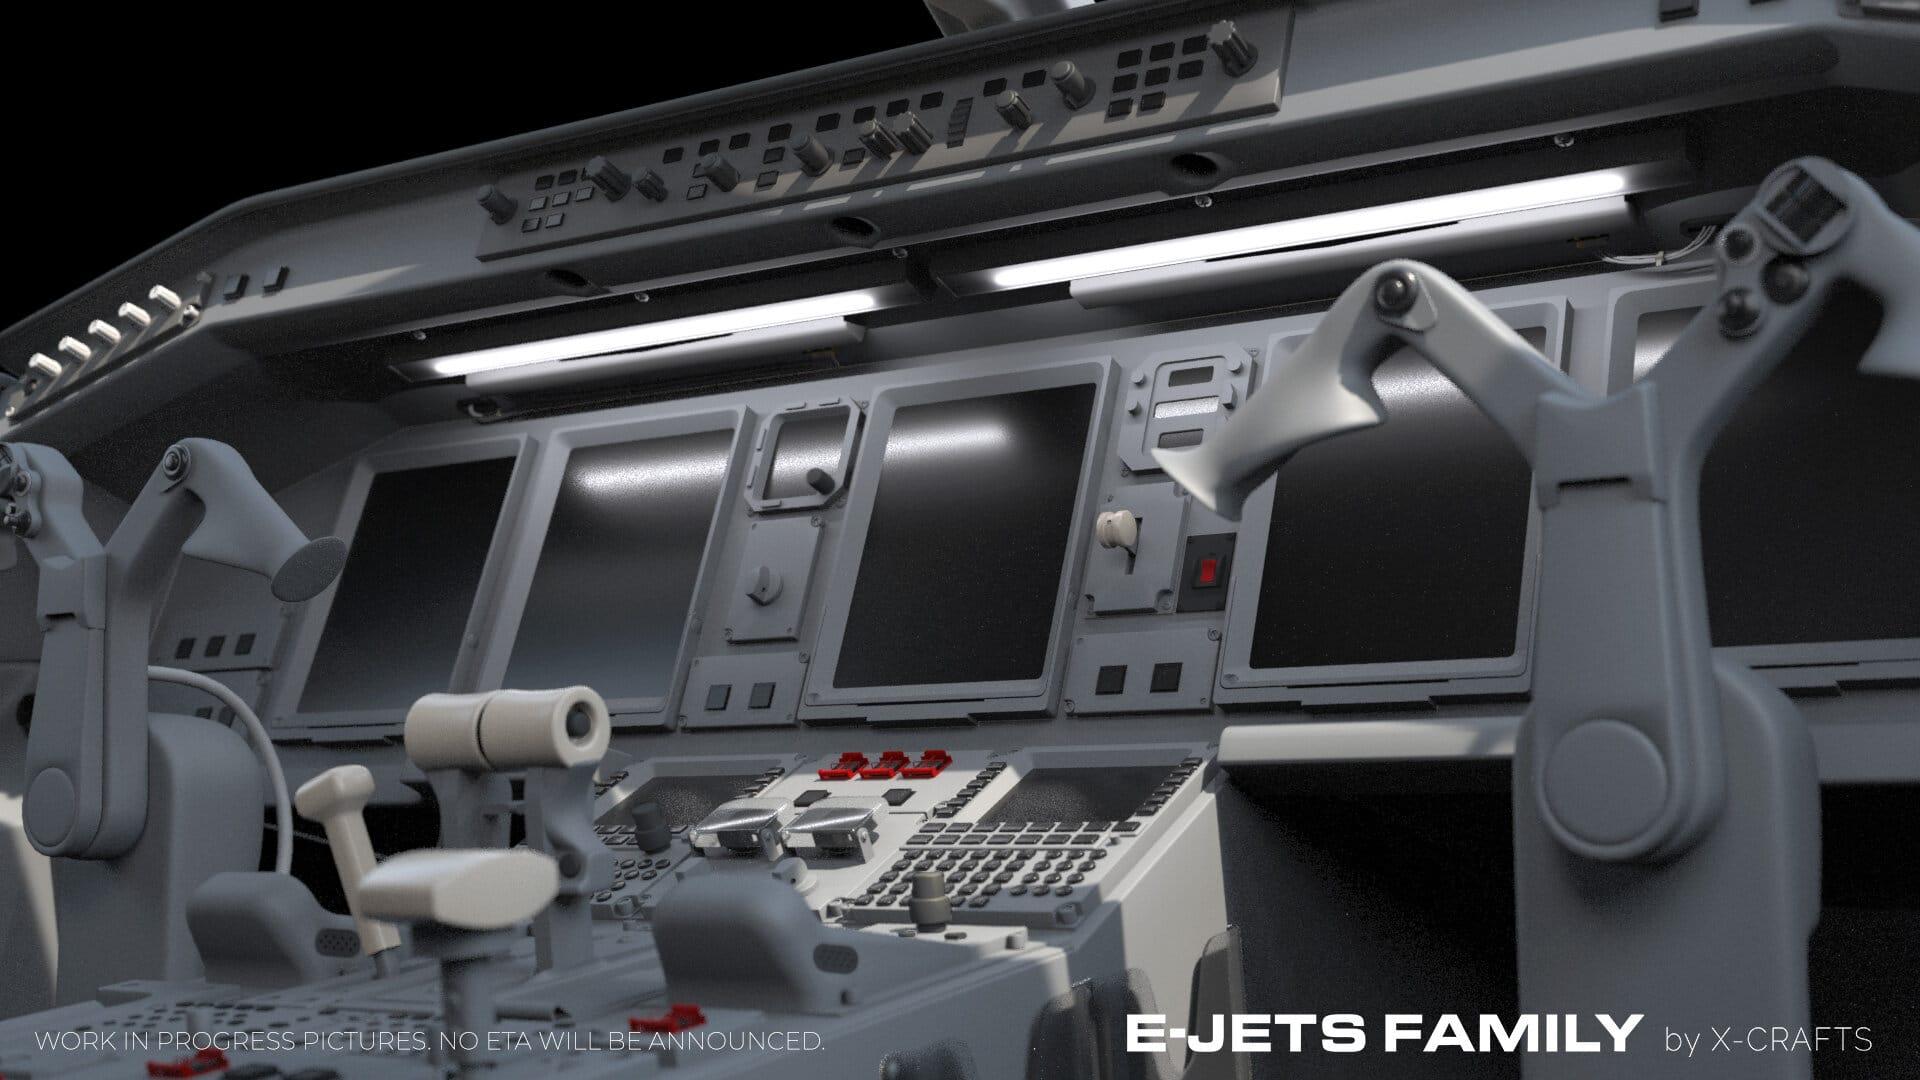 E-JETS FAMILY X-CRAFTS COCKPIT MODEL